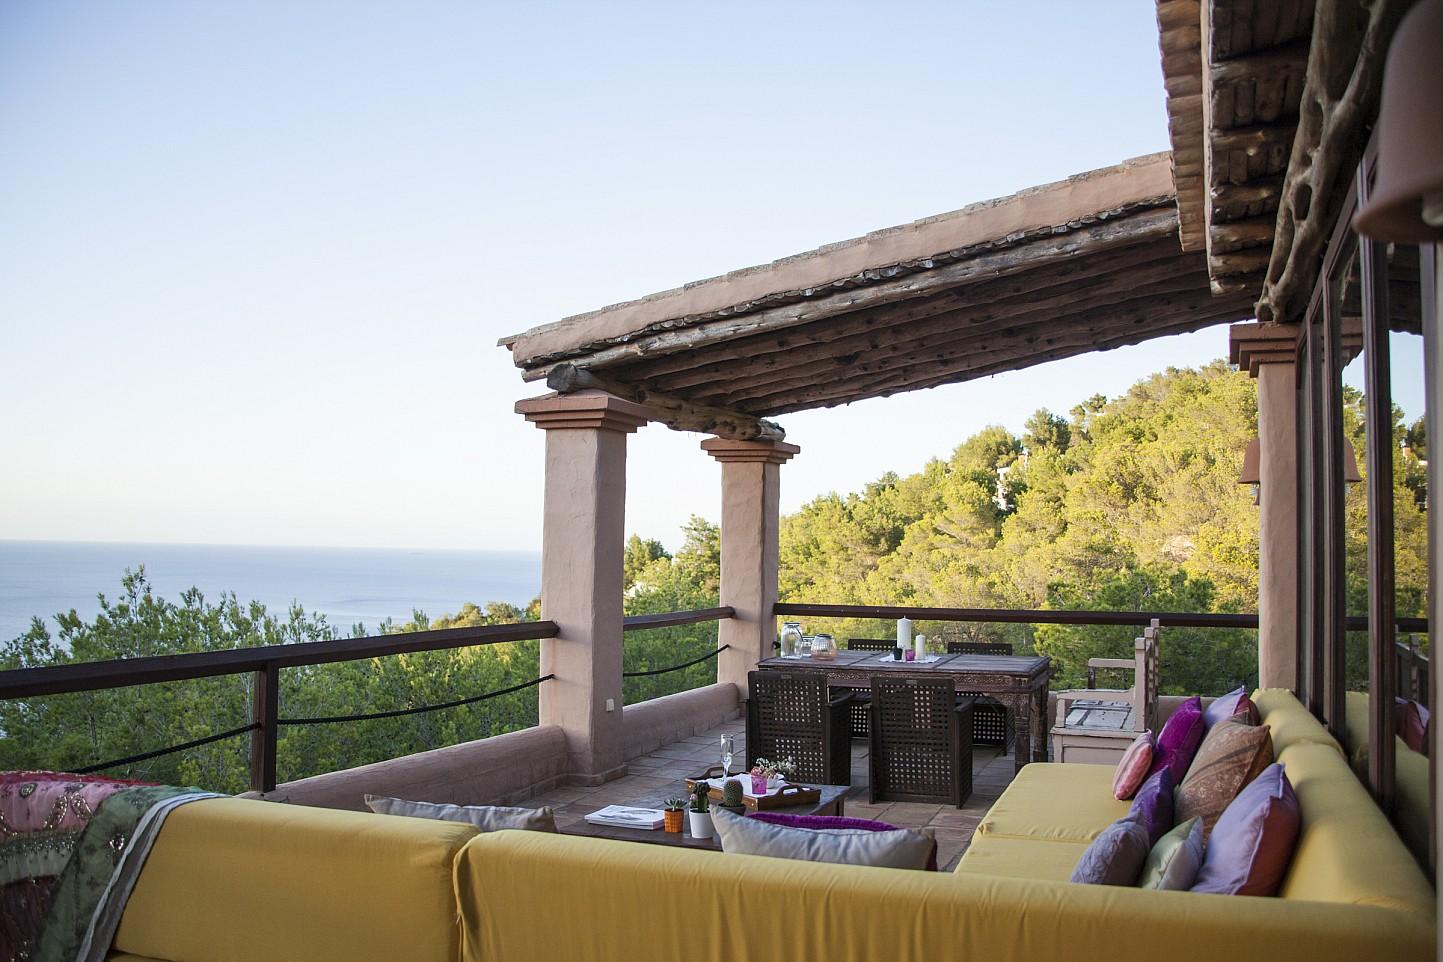 Alrededores de preciosa villa en alquiler con vistas panorámicas en San Miguel, Ibiza